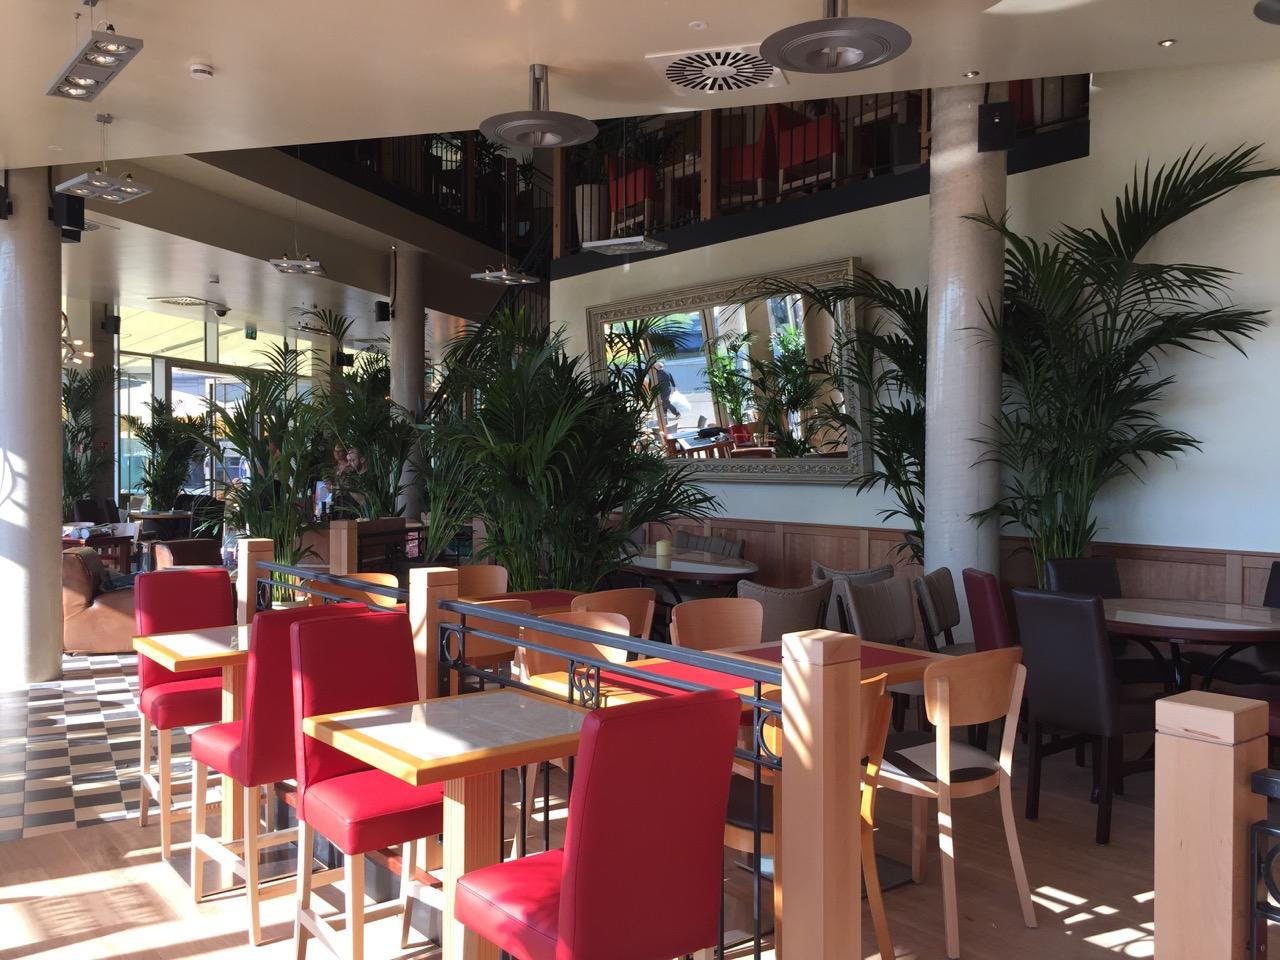 Cafe Und Bar Celona SaarbrГјcken